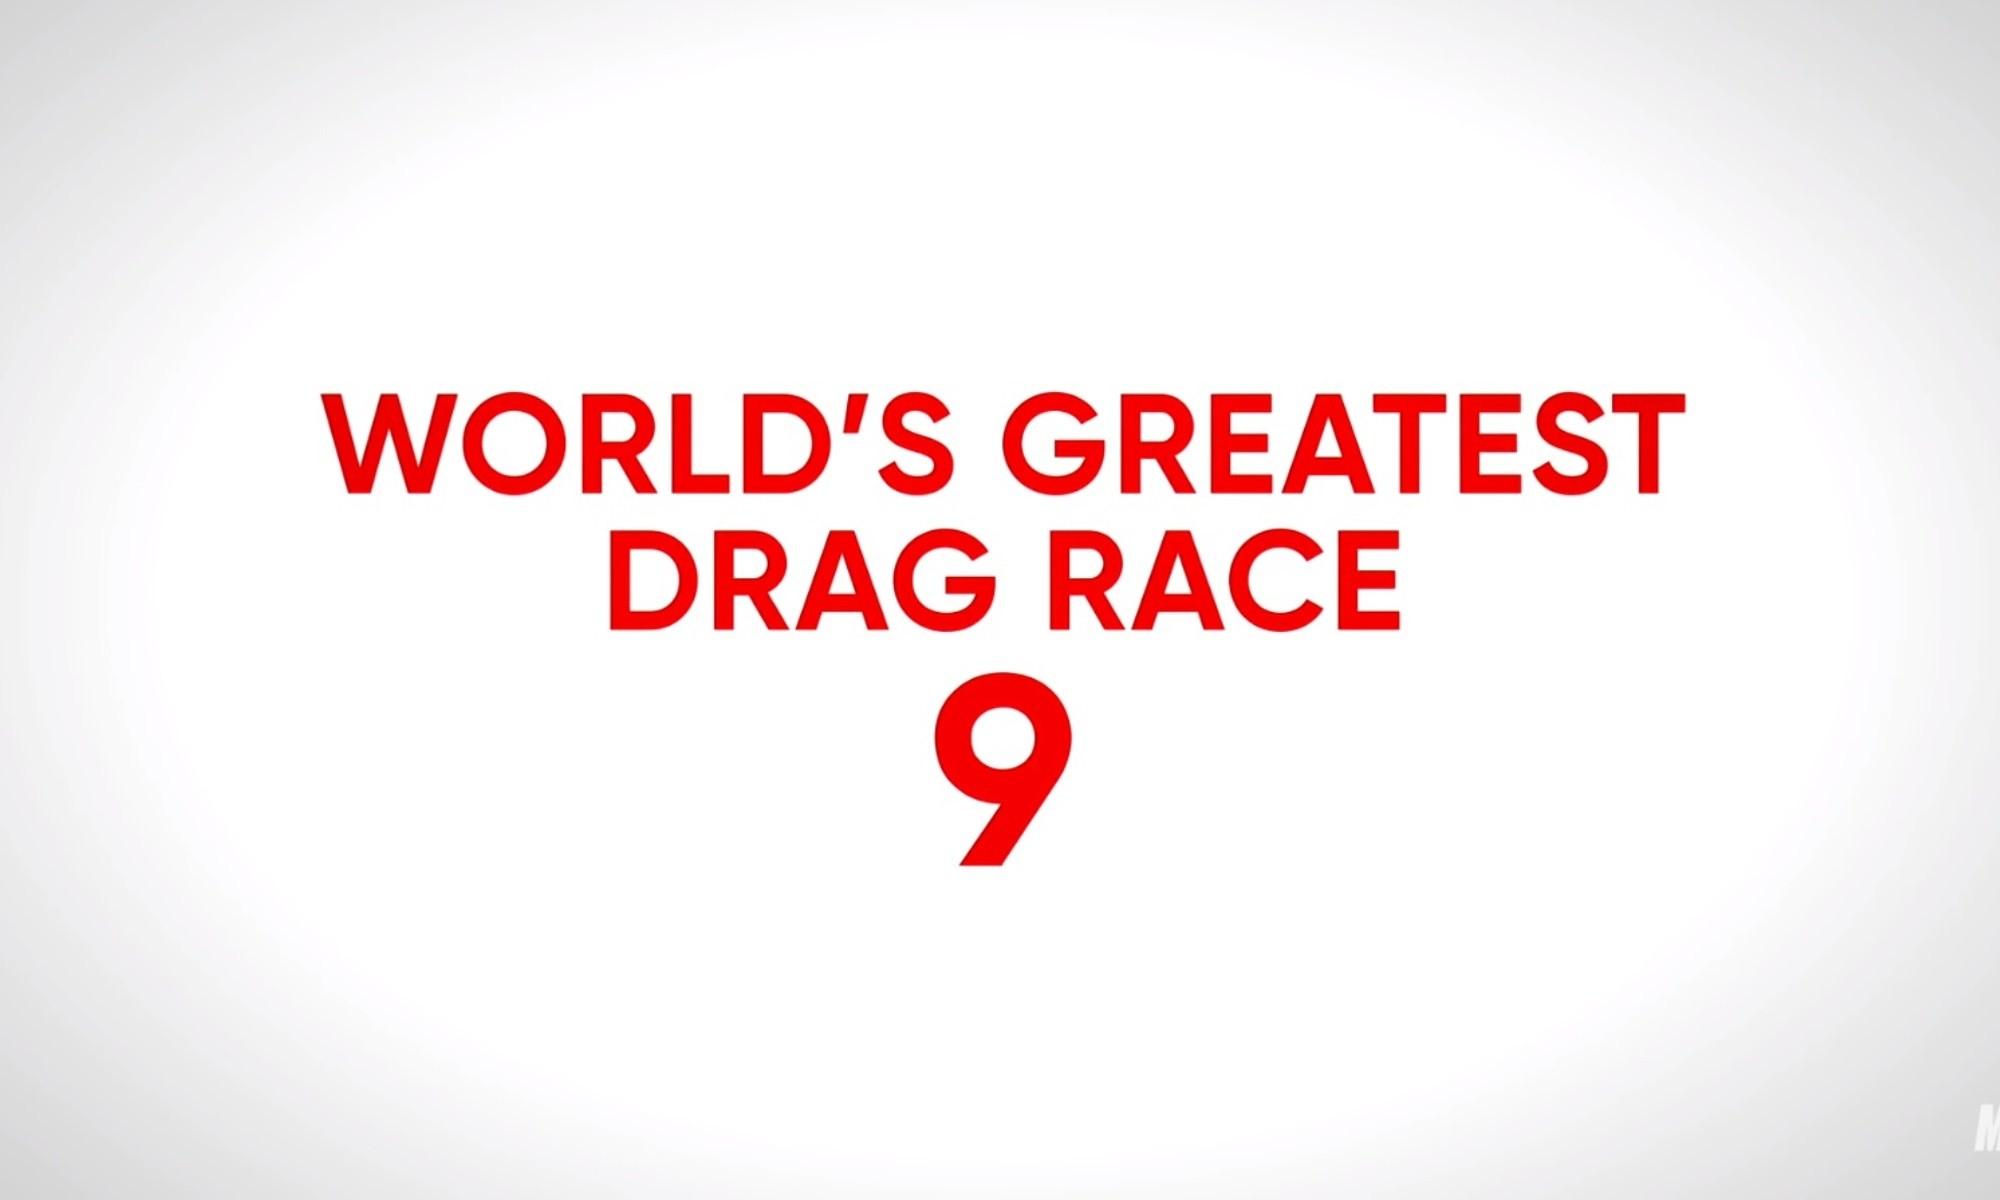 World's Greatest Drag Race 9